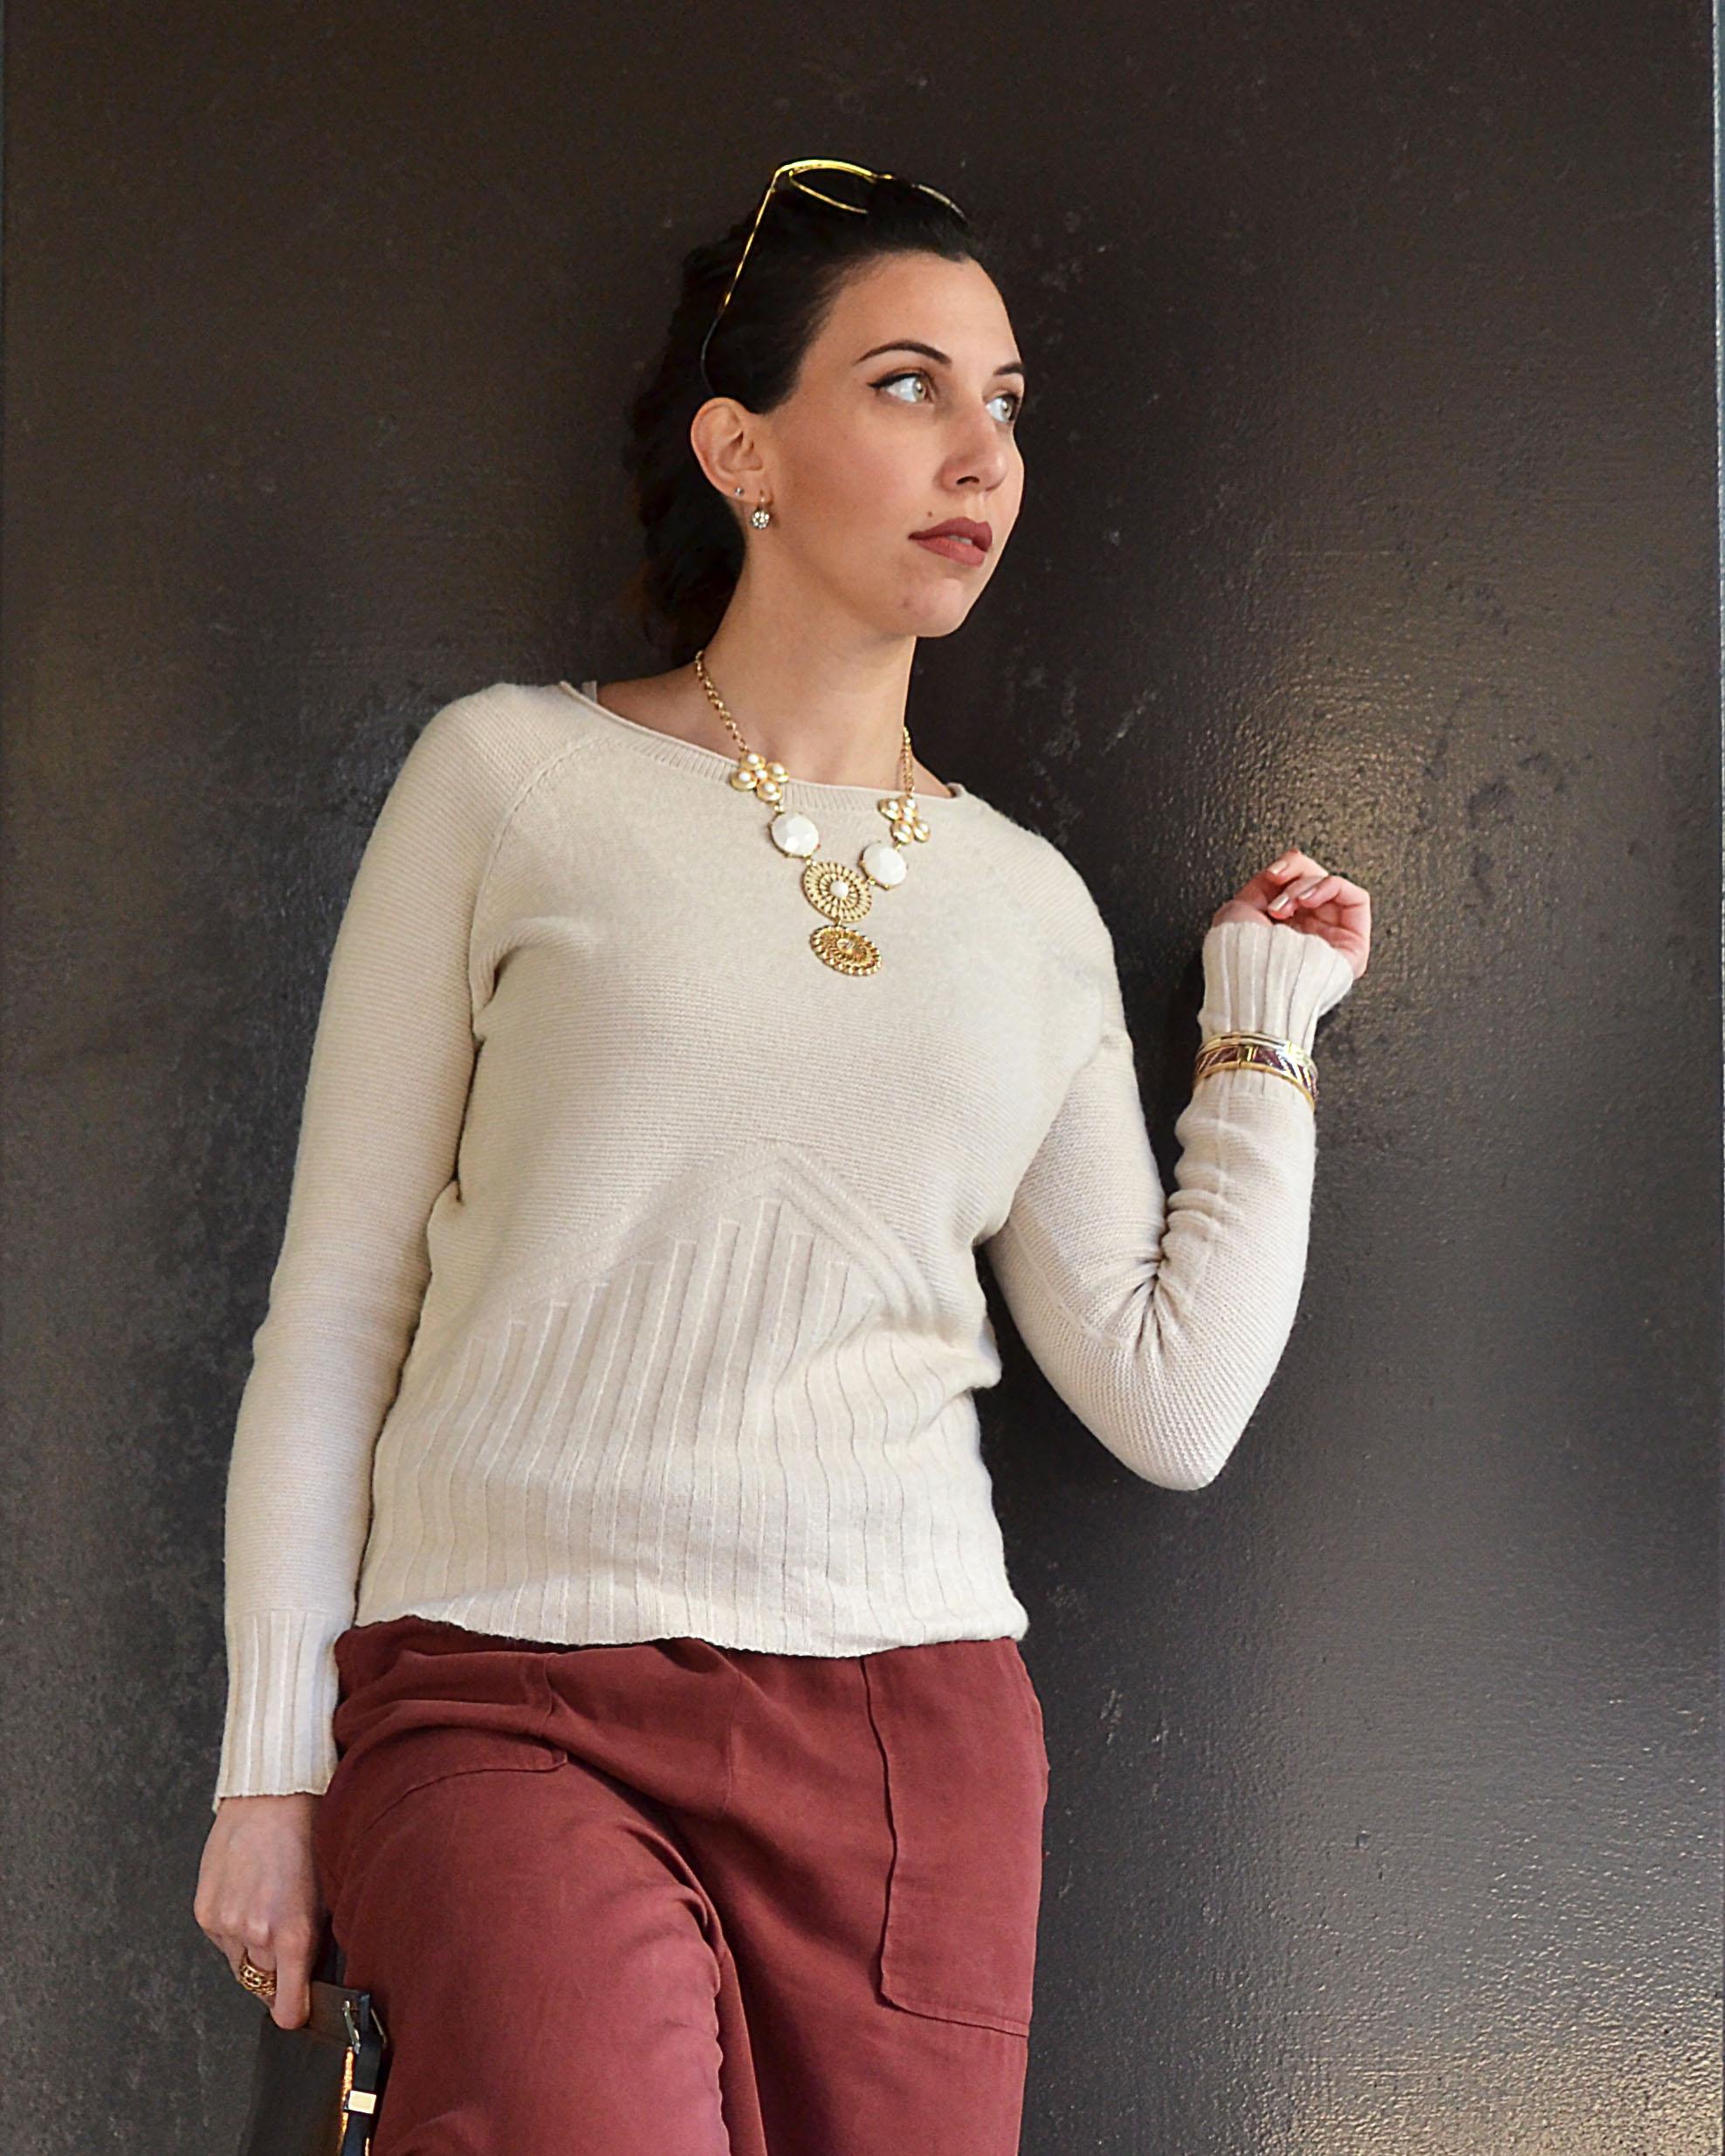 a basso prezzo 8a1eb 8854b Bolle di sapone, pantaloni culotte e maglioncino color crema ...